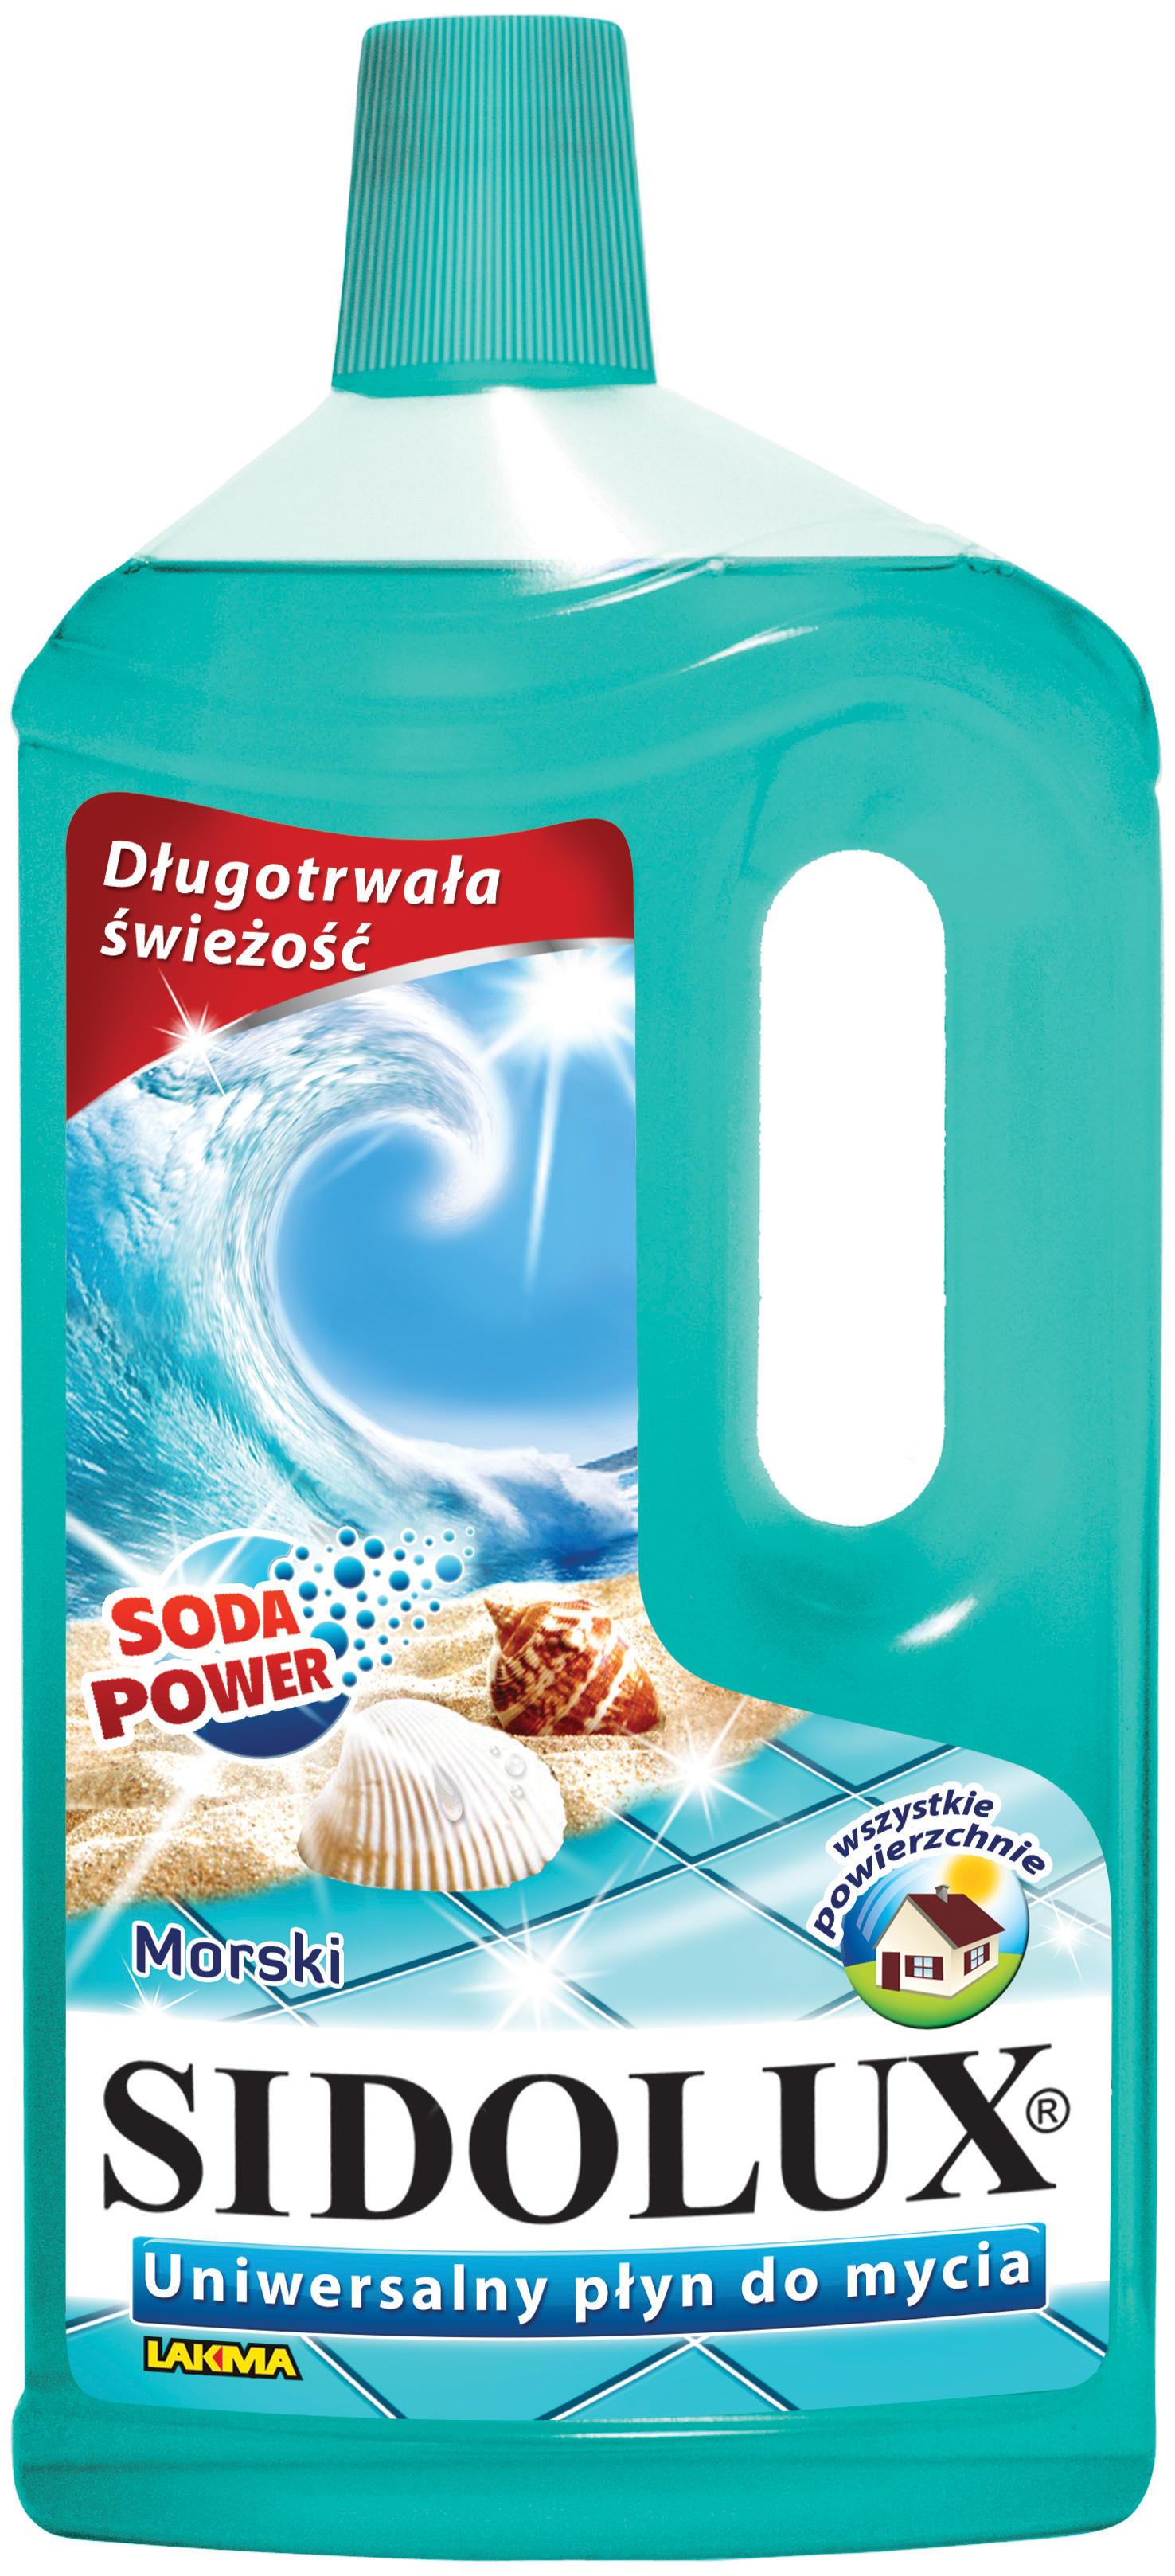 Nowe oblicze linii Sidolux do mycia uniwersalnego